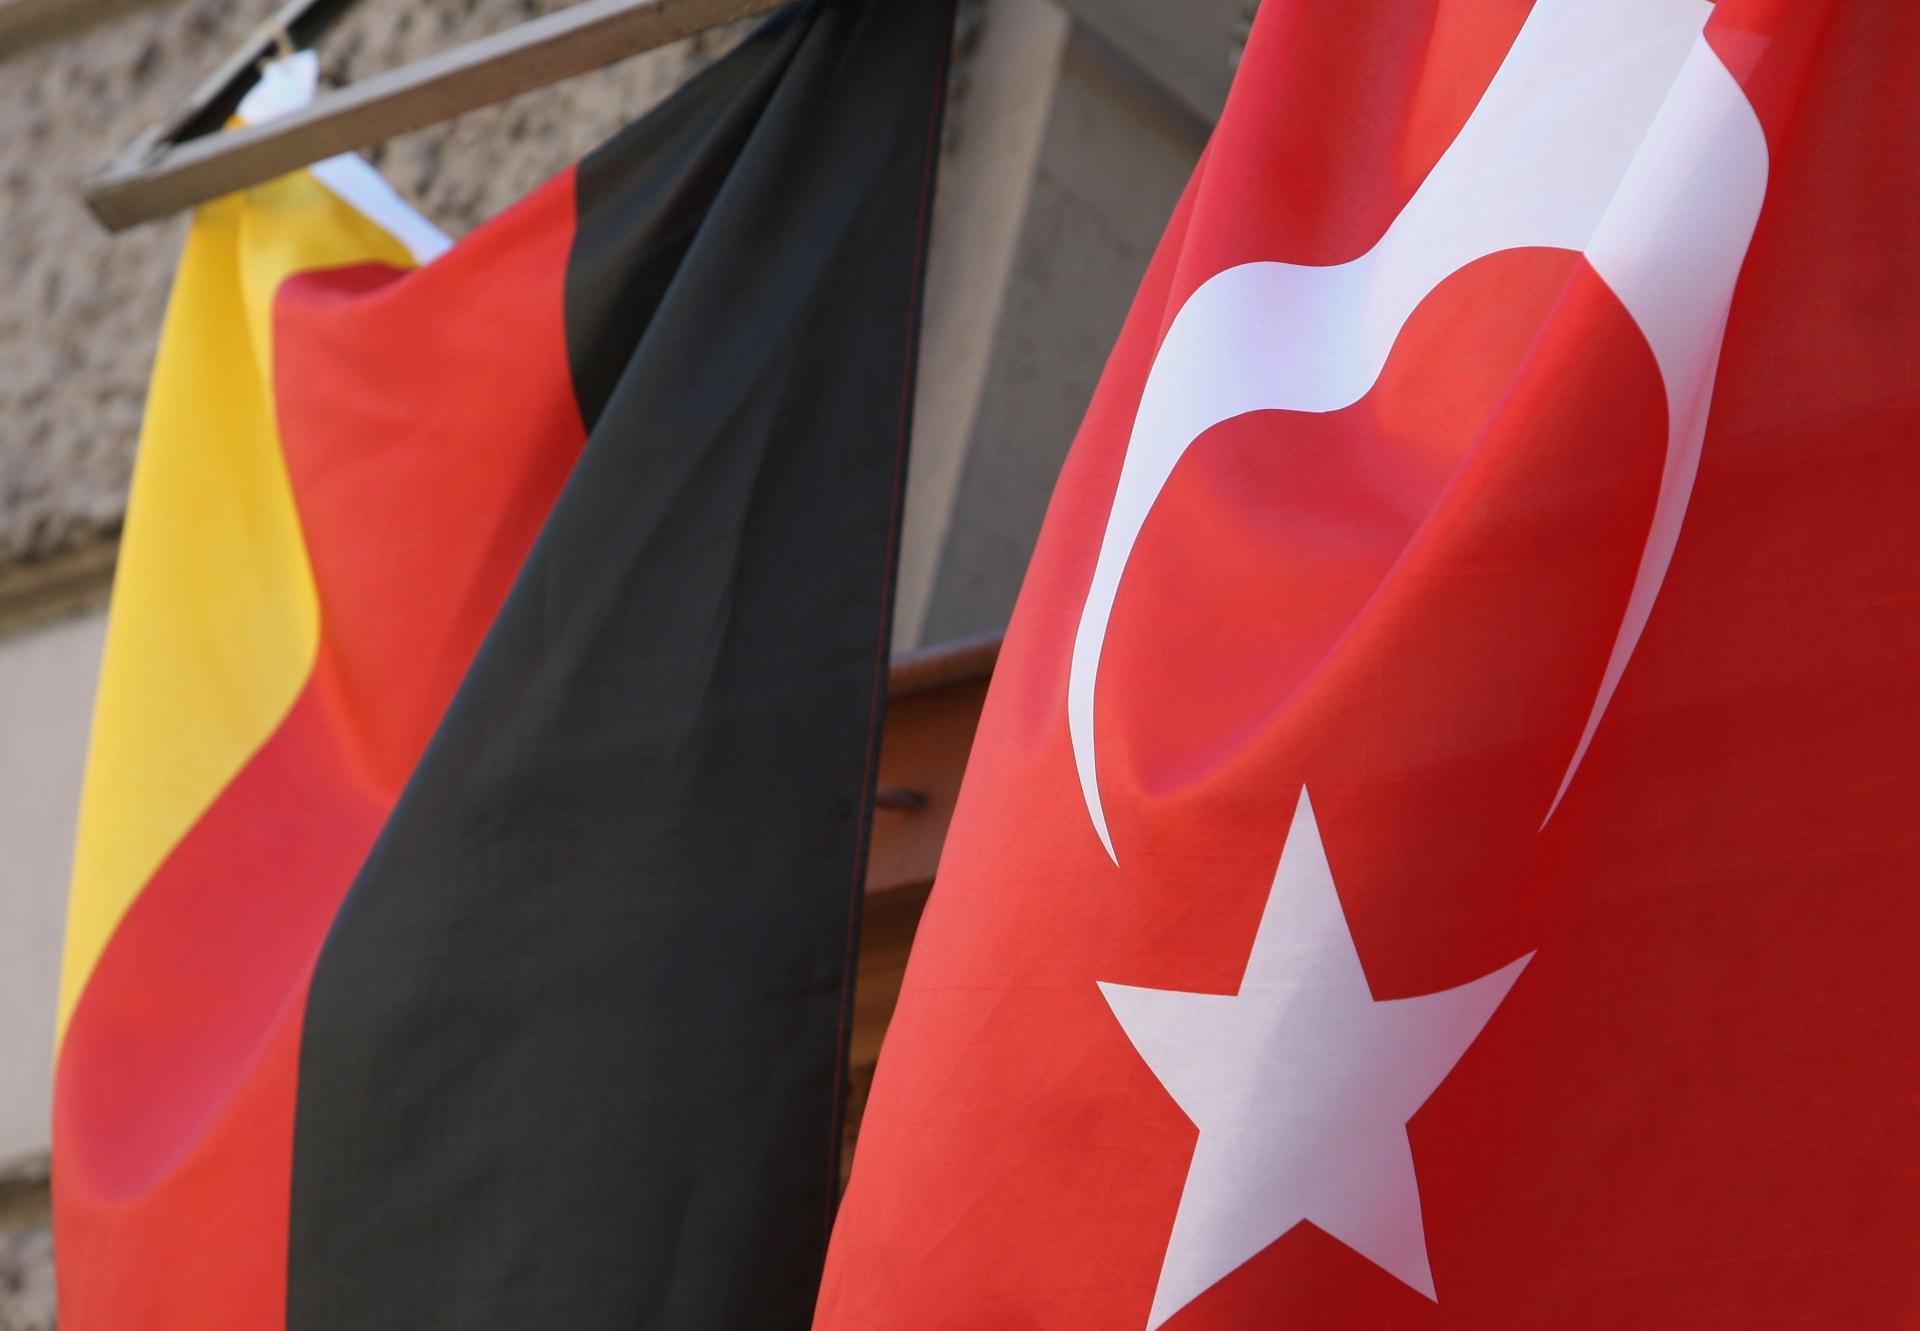 بعد تفتيش سفينة تركية متجهة إلى ليبيا.. أنقرة توجه رسالة لألمانيا